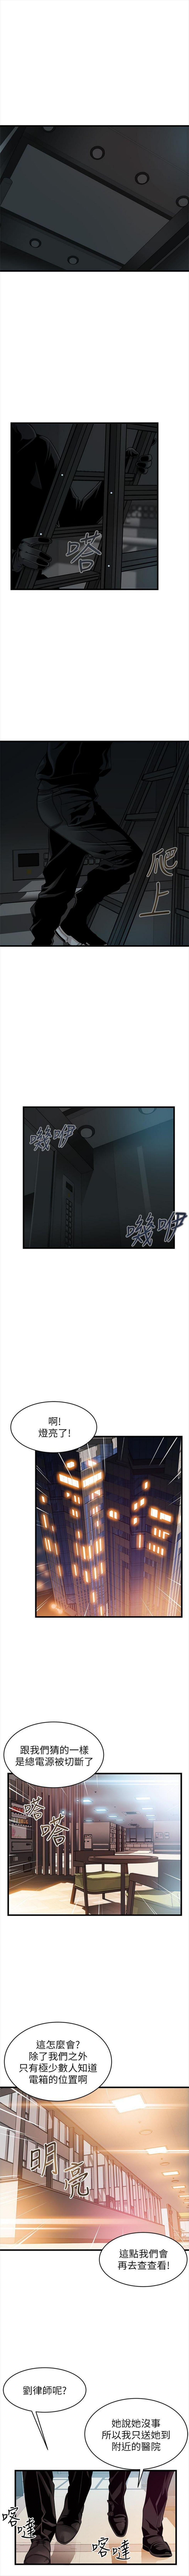 弱點 1-101 官方中文(連載中) 410